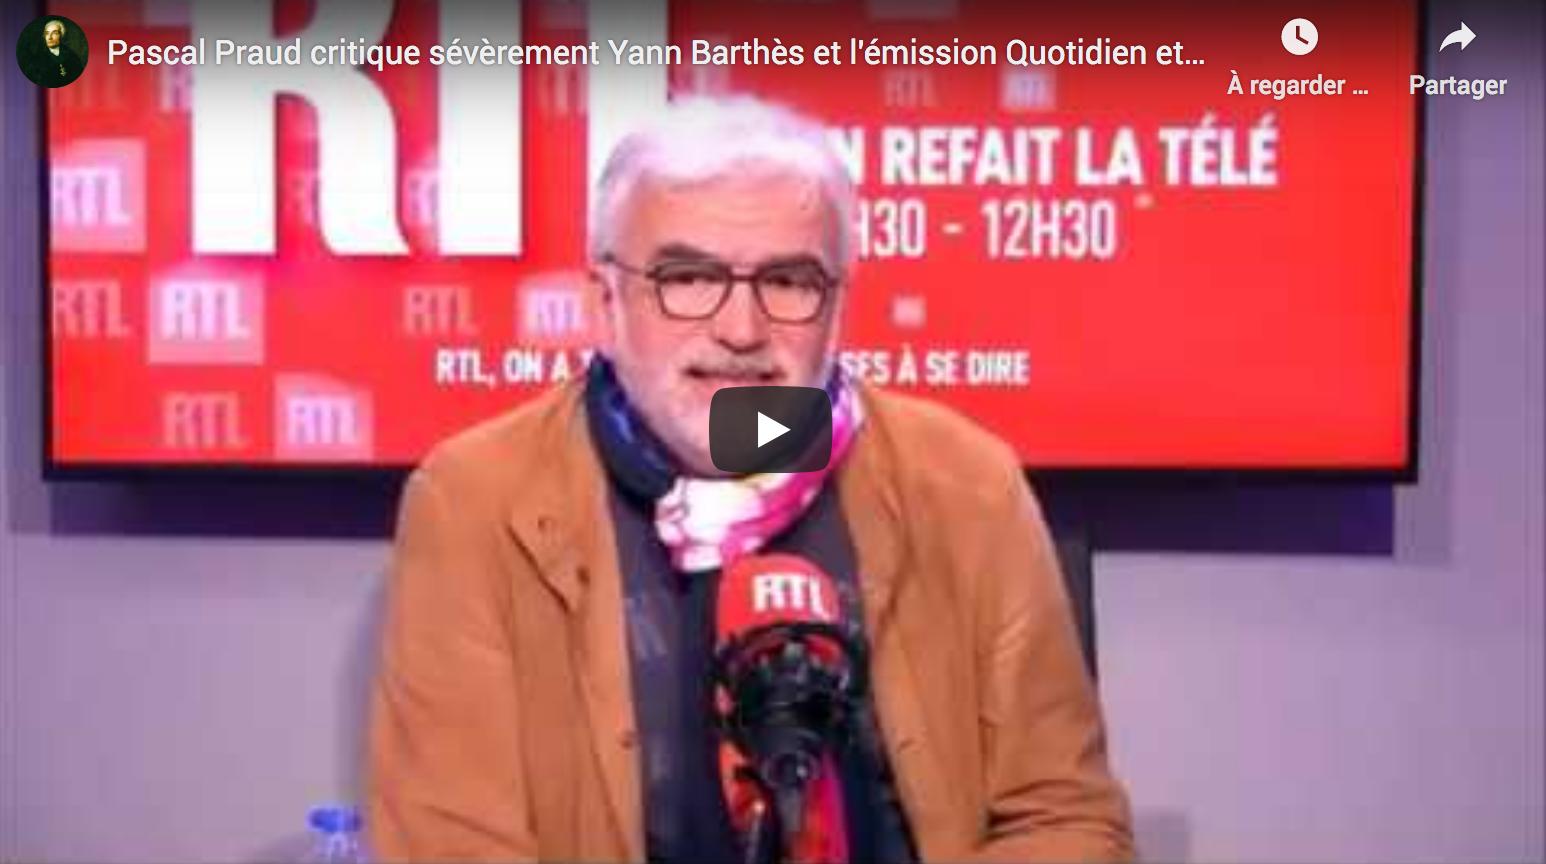 Pascal Praud critique sévèrement Yann Barthès et l'émission «Quotidien», il s'étonne qu'elle continue (VIDÉO)